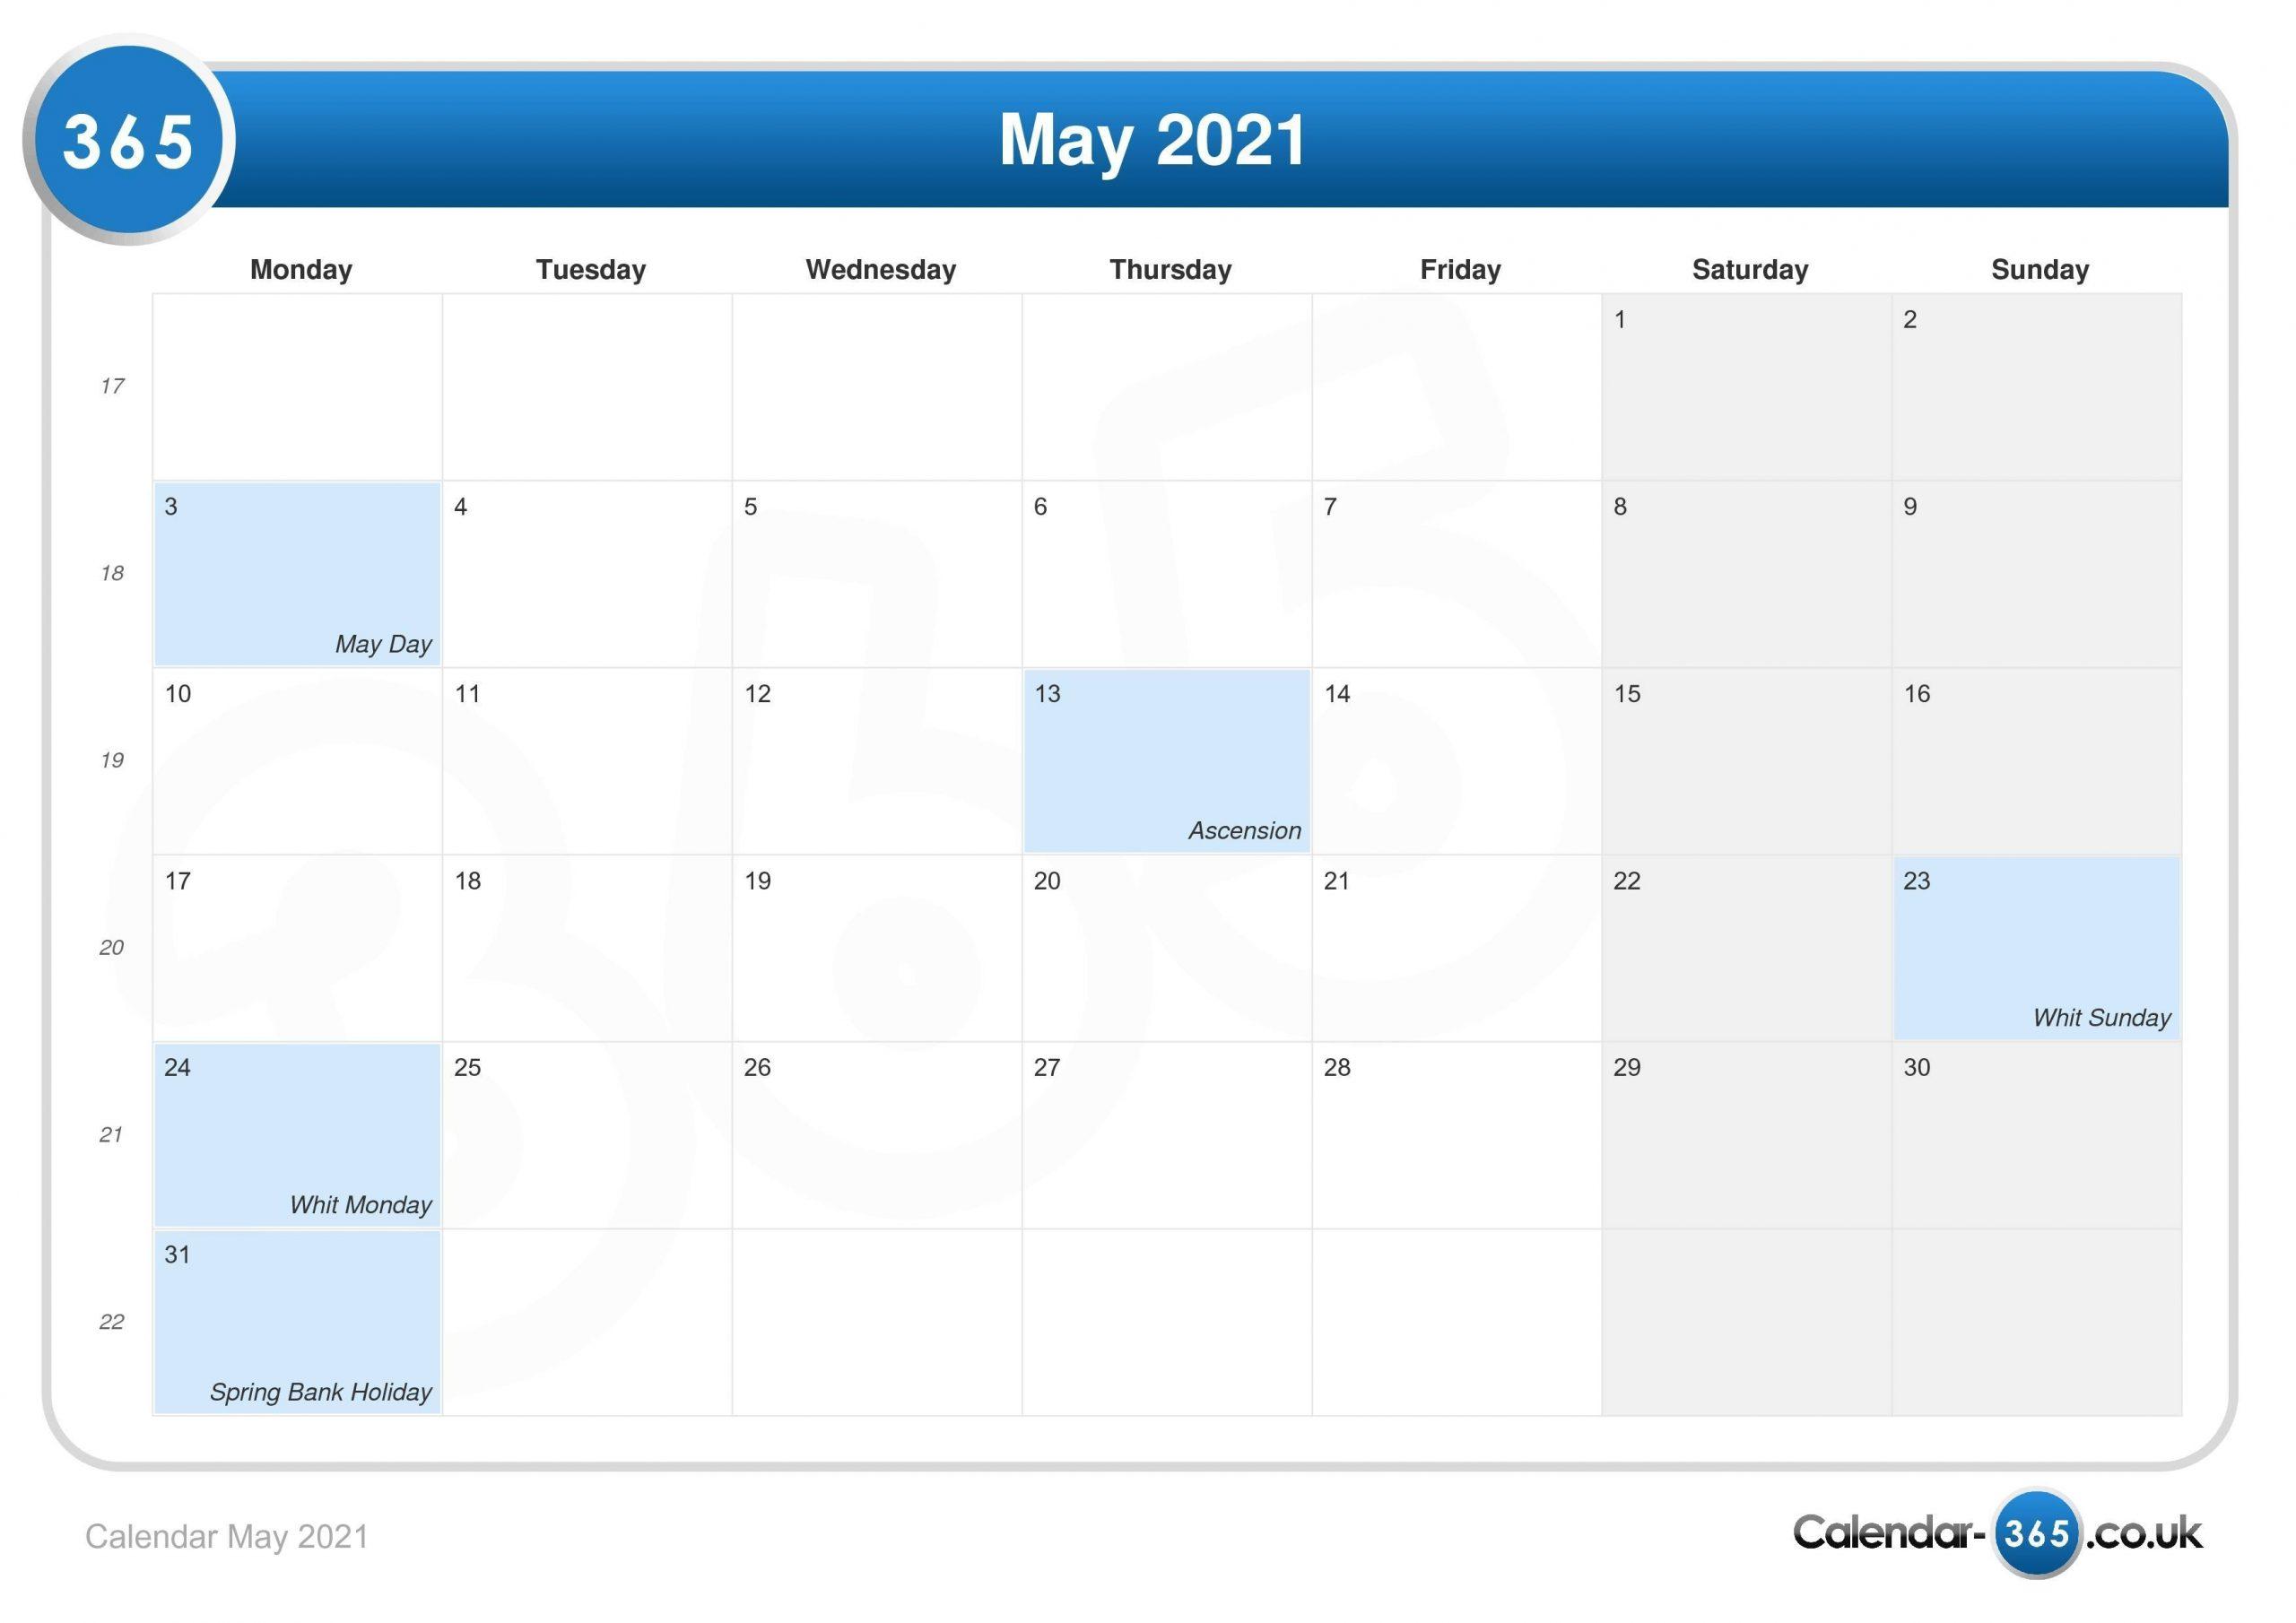 Calendar May 2021